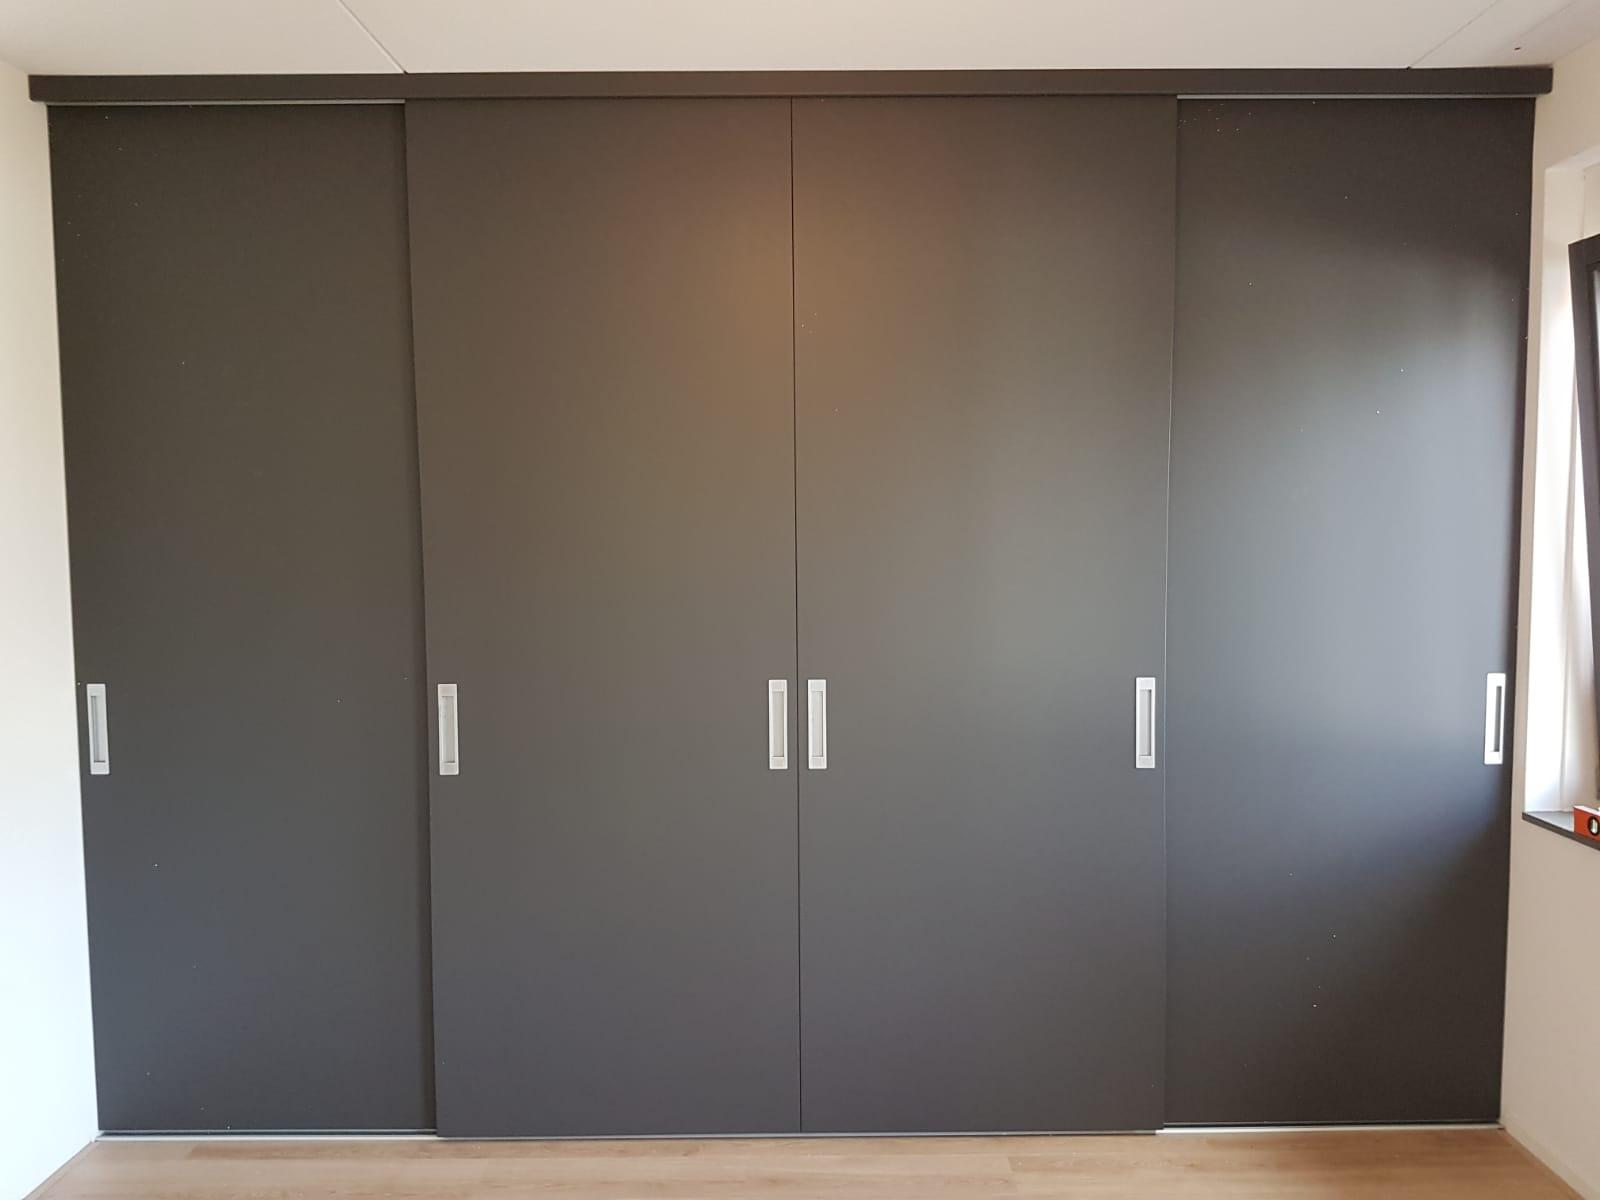 Afzuiging Badkamer Brico : Goedkope keuken hubo badkamer houtpanelen hot panel coker test